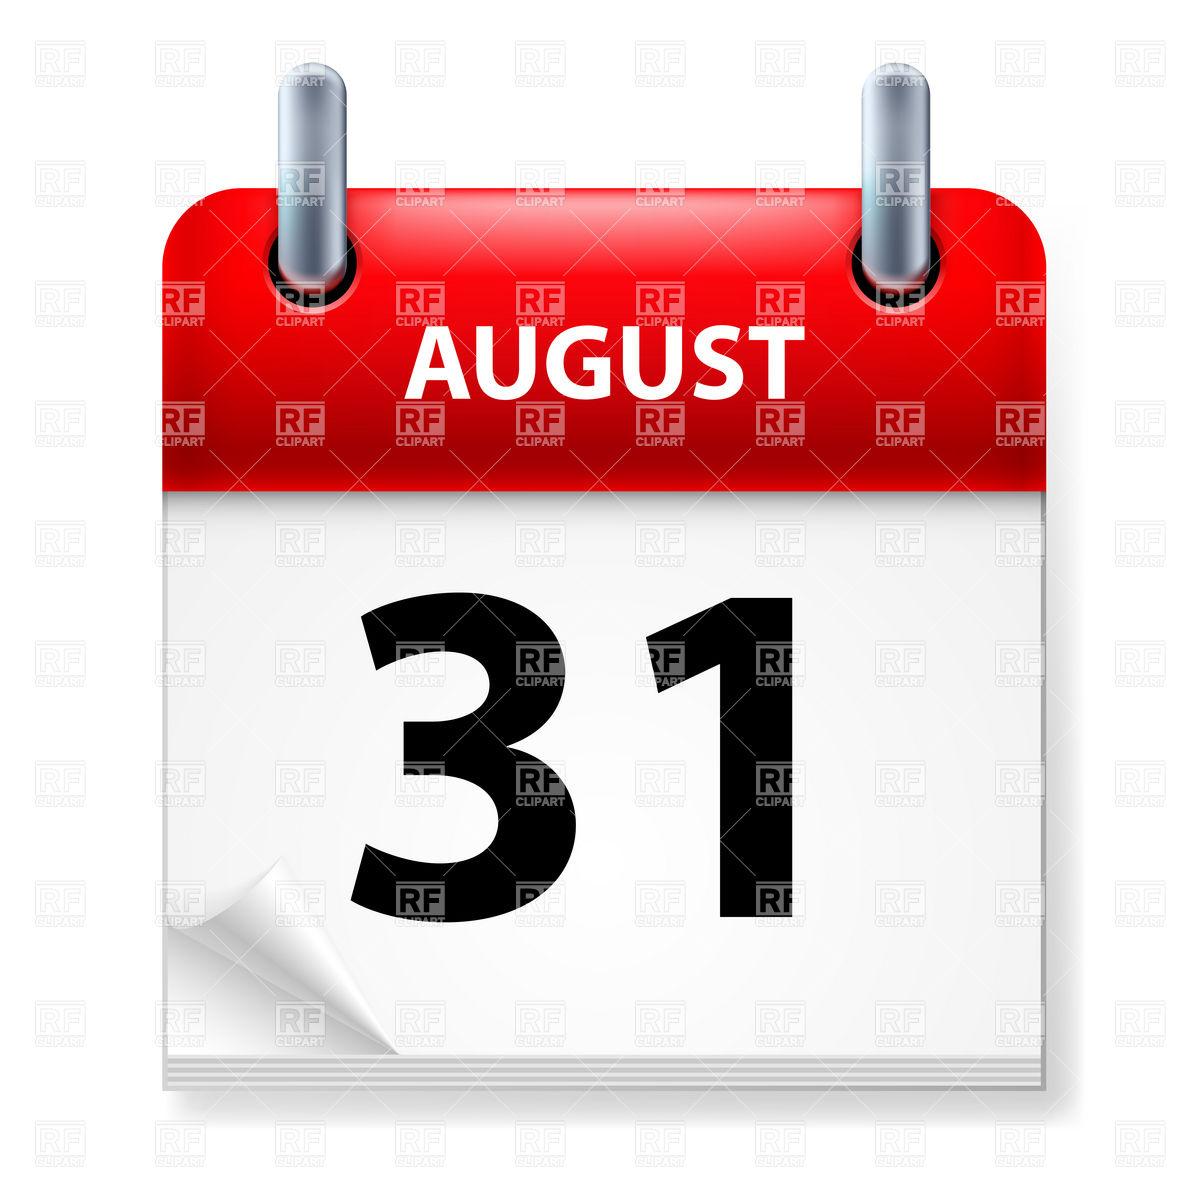 August 31st calendar clipart. St clipartfest icon